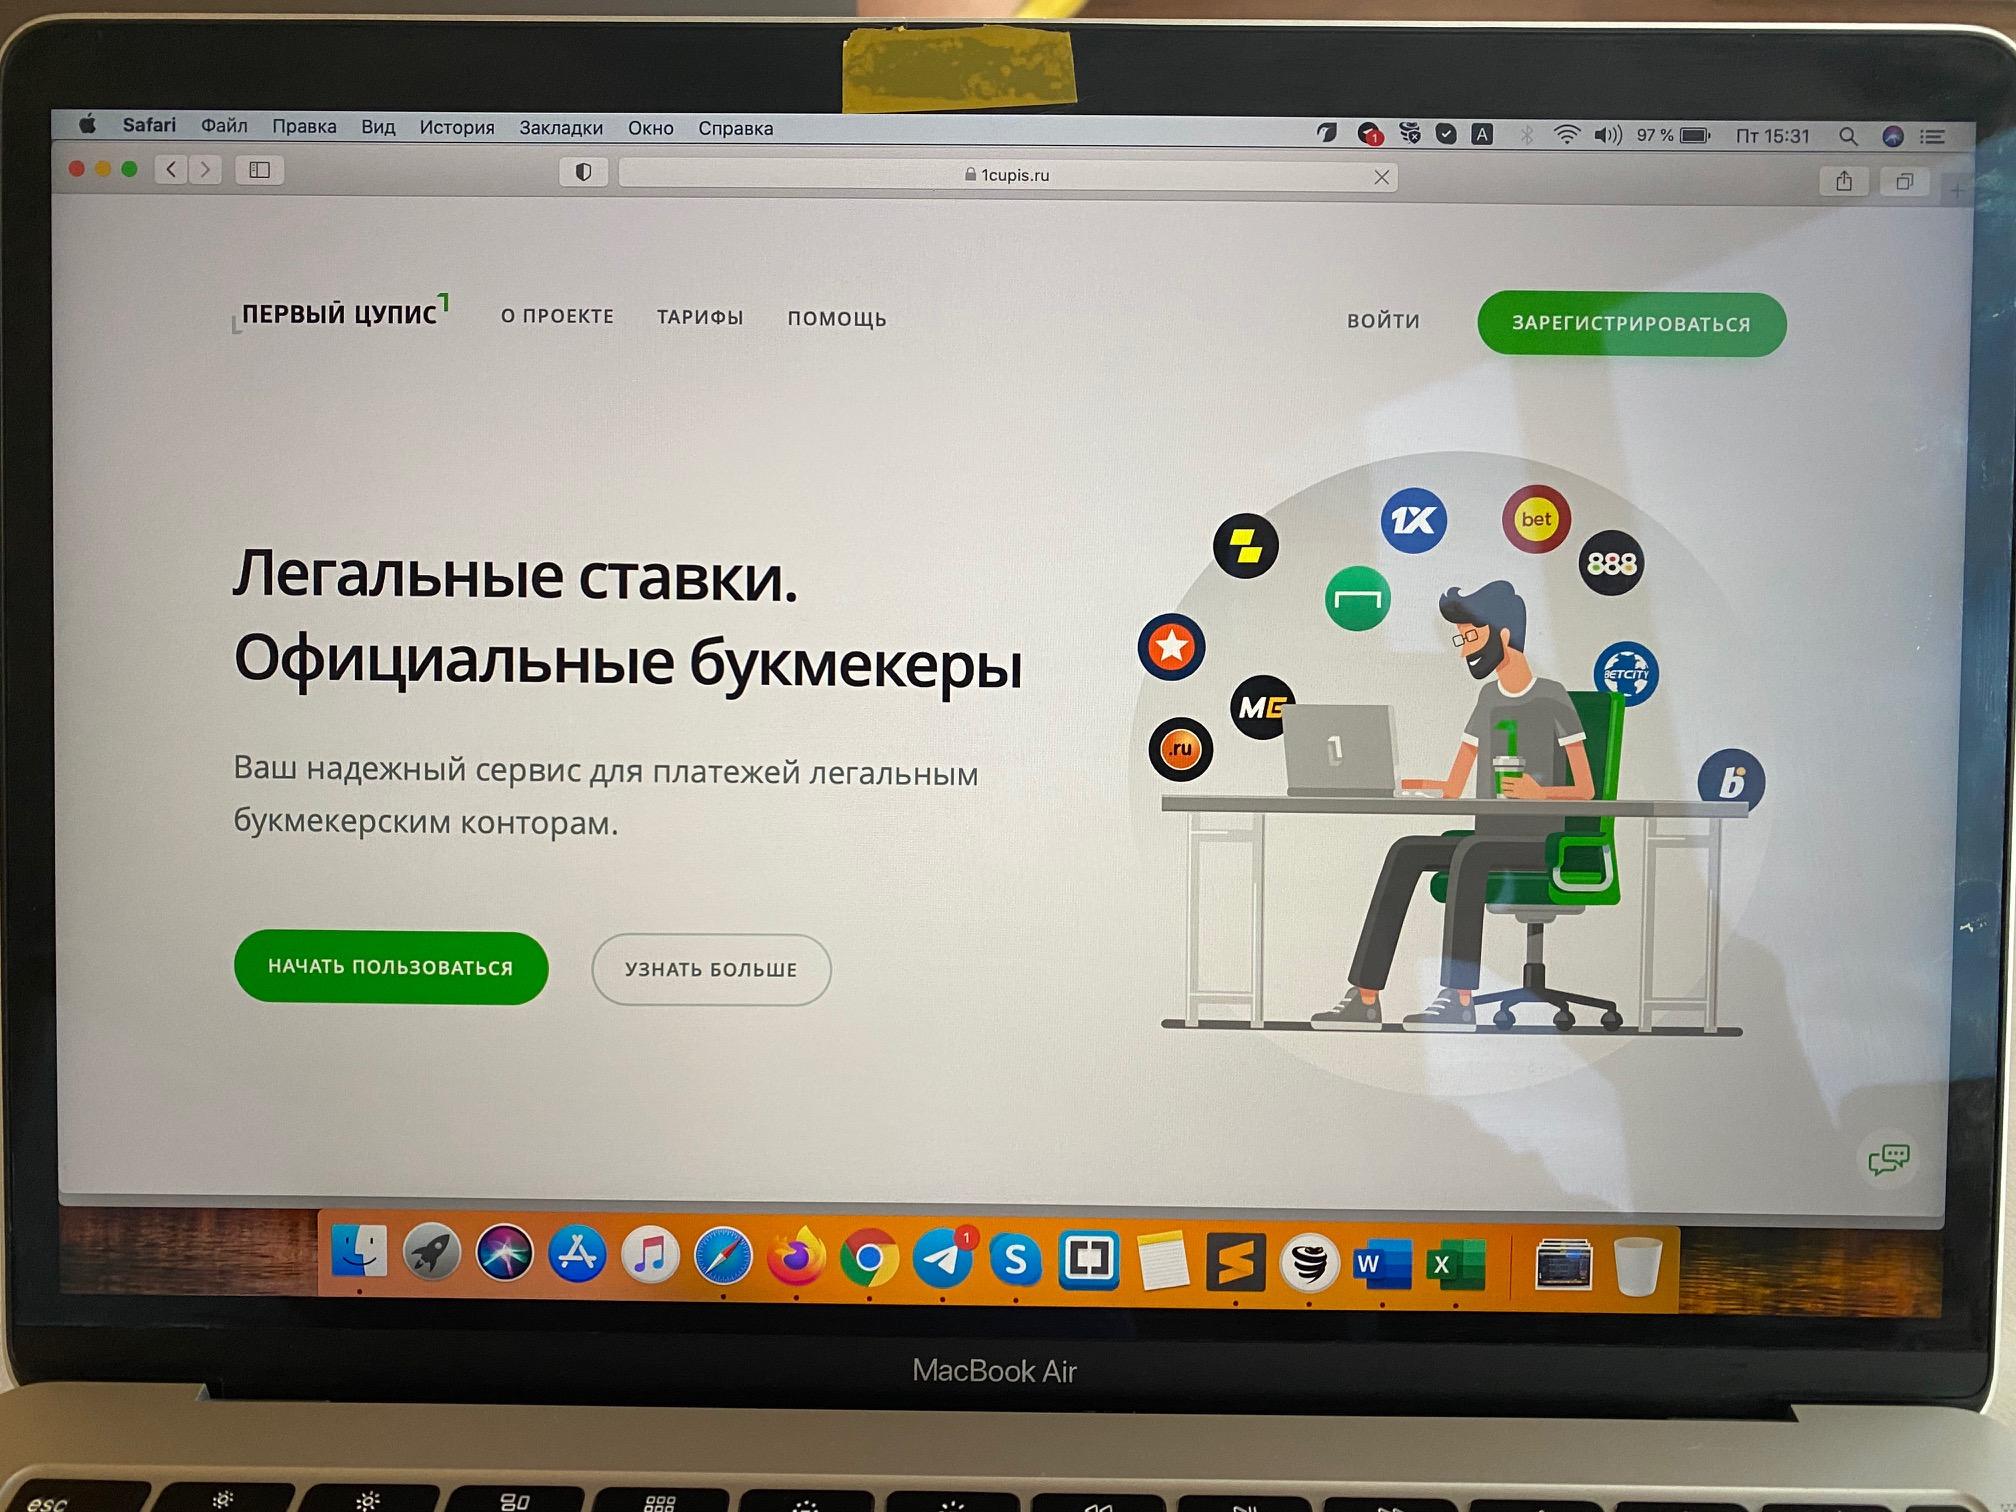 Так выглядит сайт Первого ЦУПИС